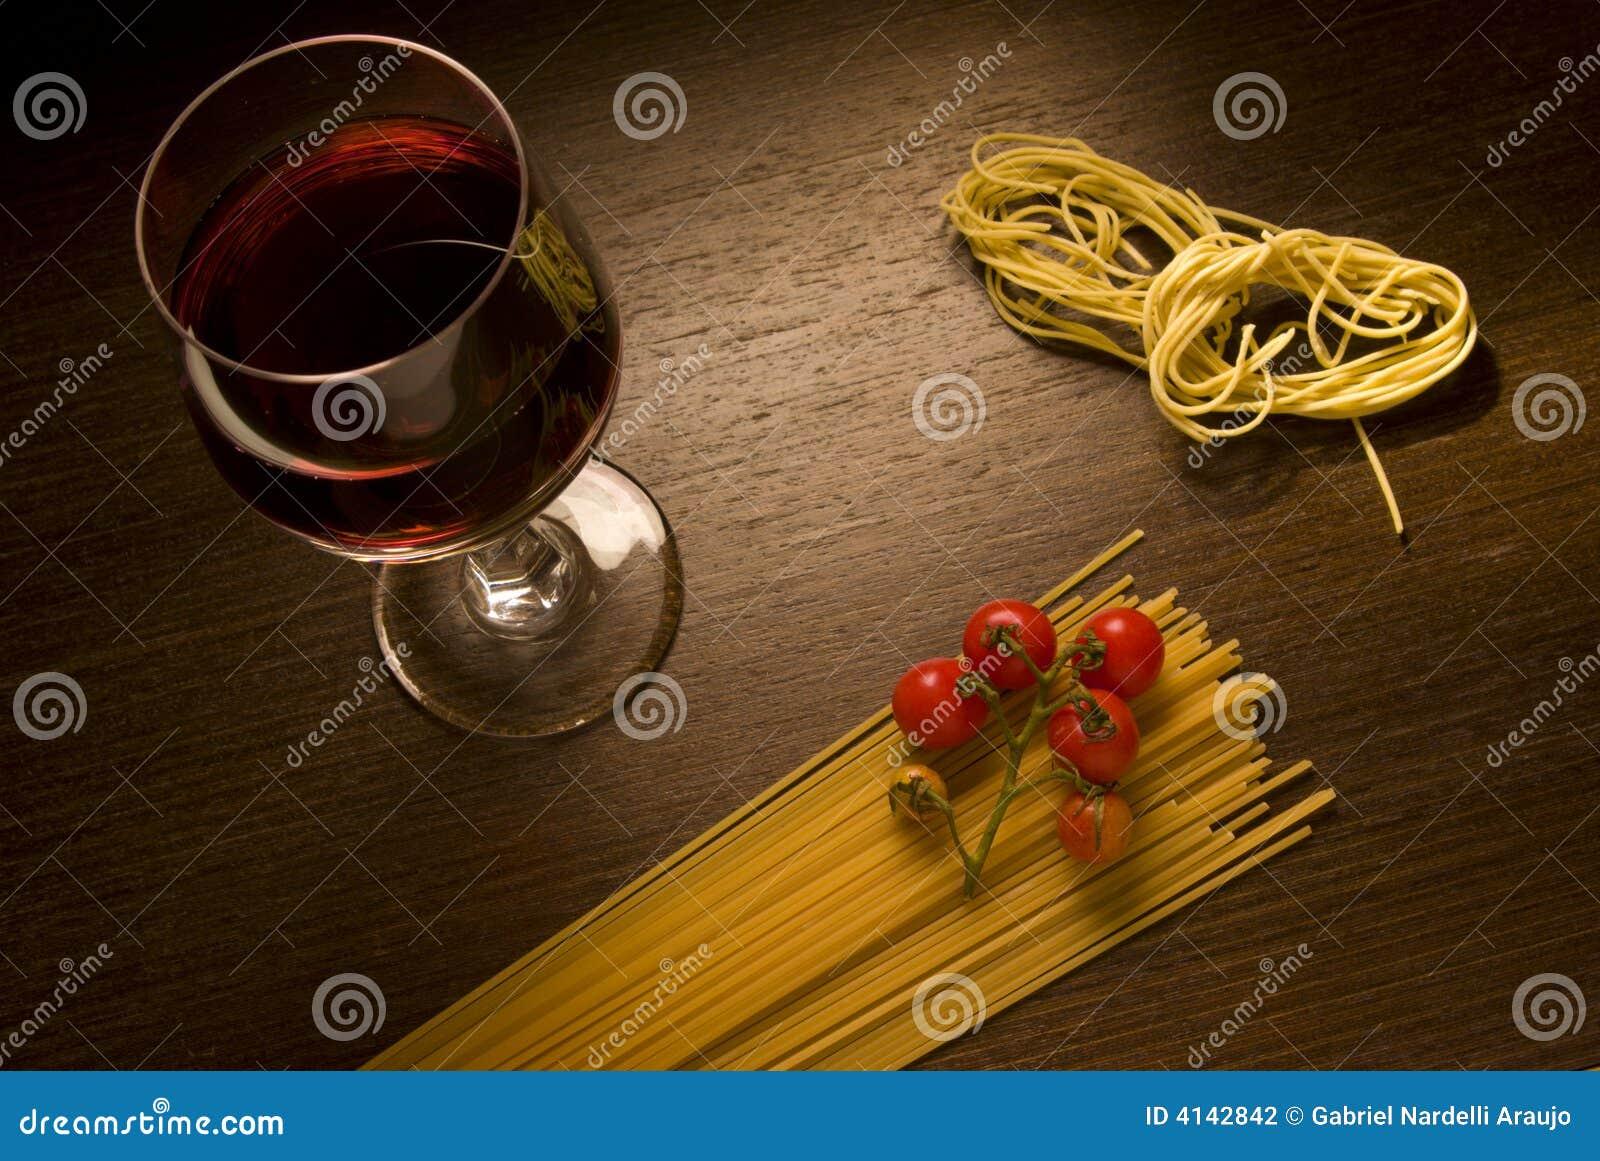 意大利面食酒